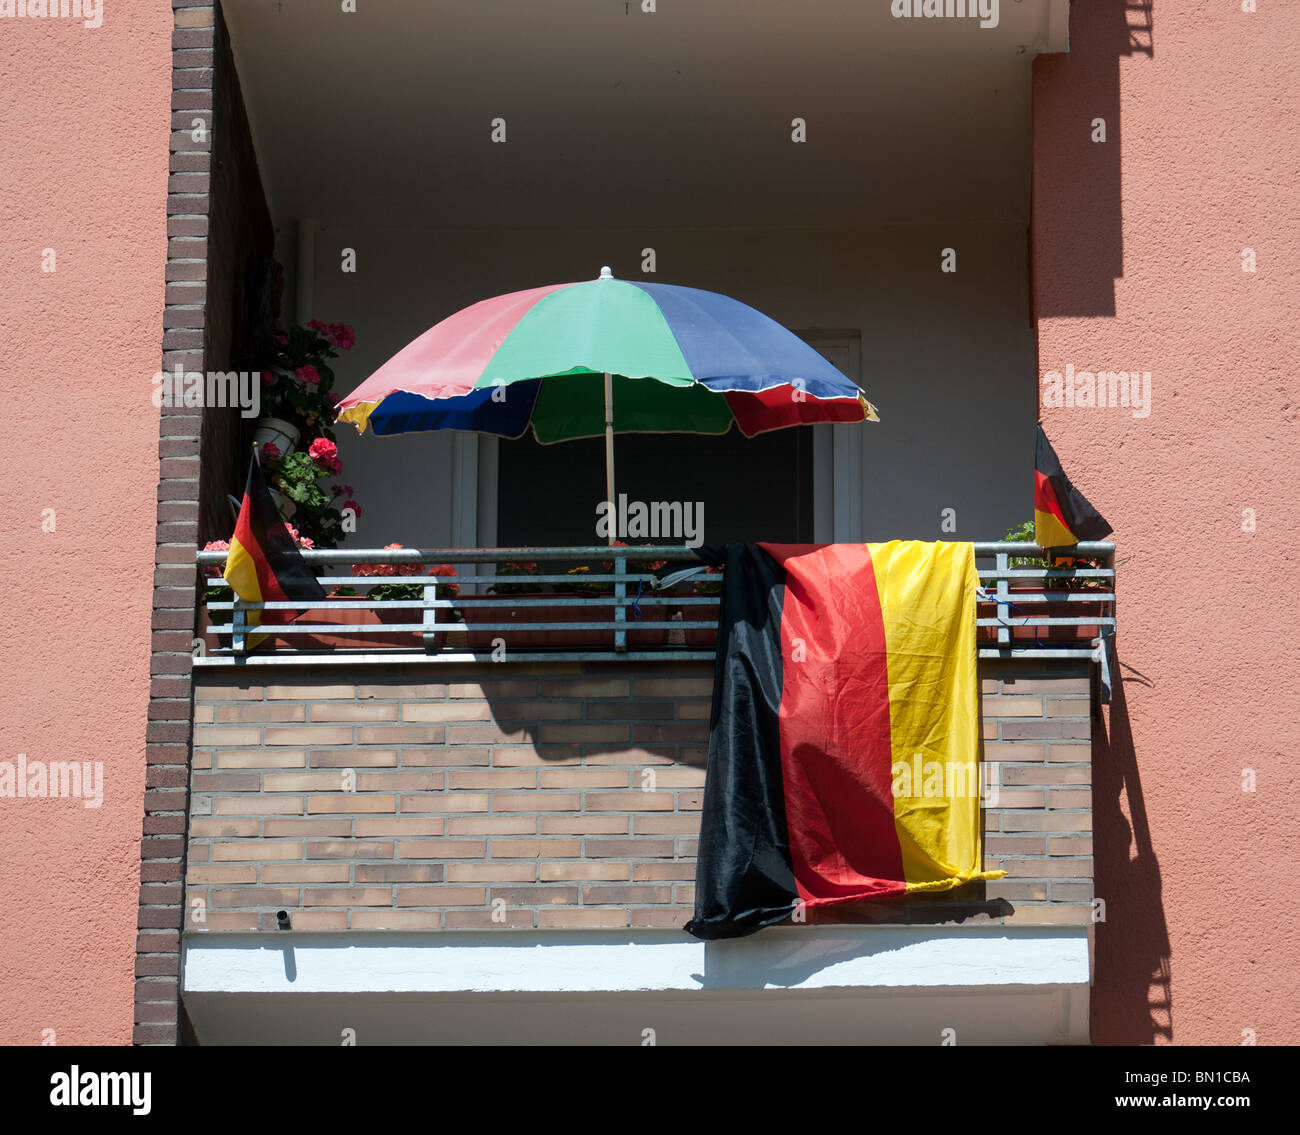 Balcón con bandera alemana y sombrilla durante la Copa Mundial de Fútbol de 2010 en Berlín, Alemania Imagen De Stock